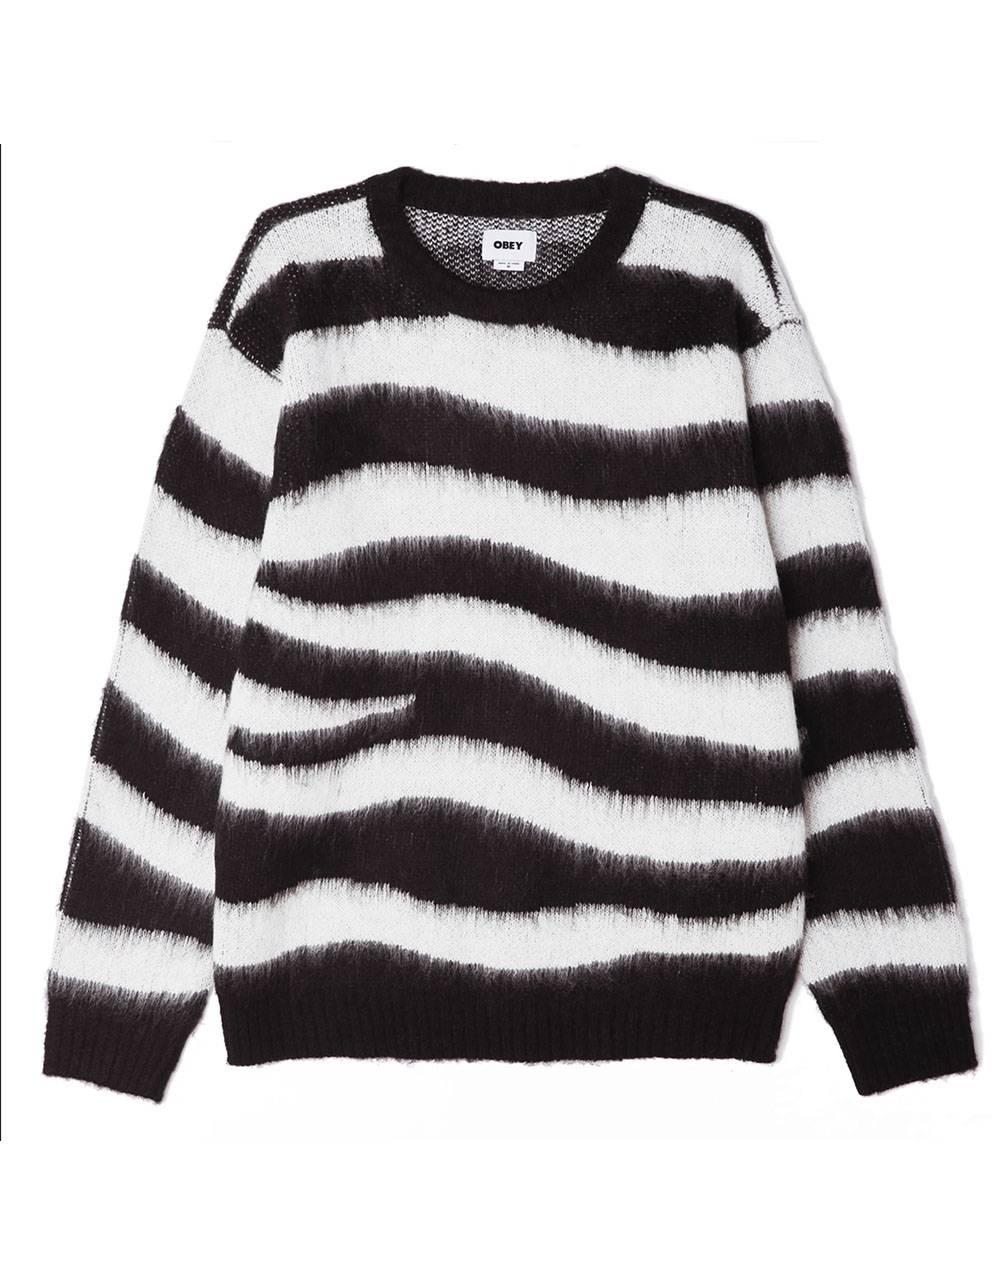 Obey Dream sweater - black multi obey Knitwear 110,00€